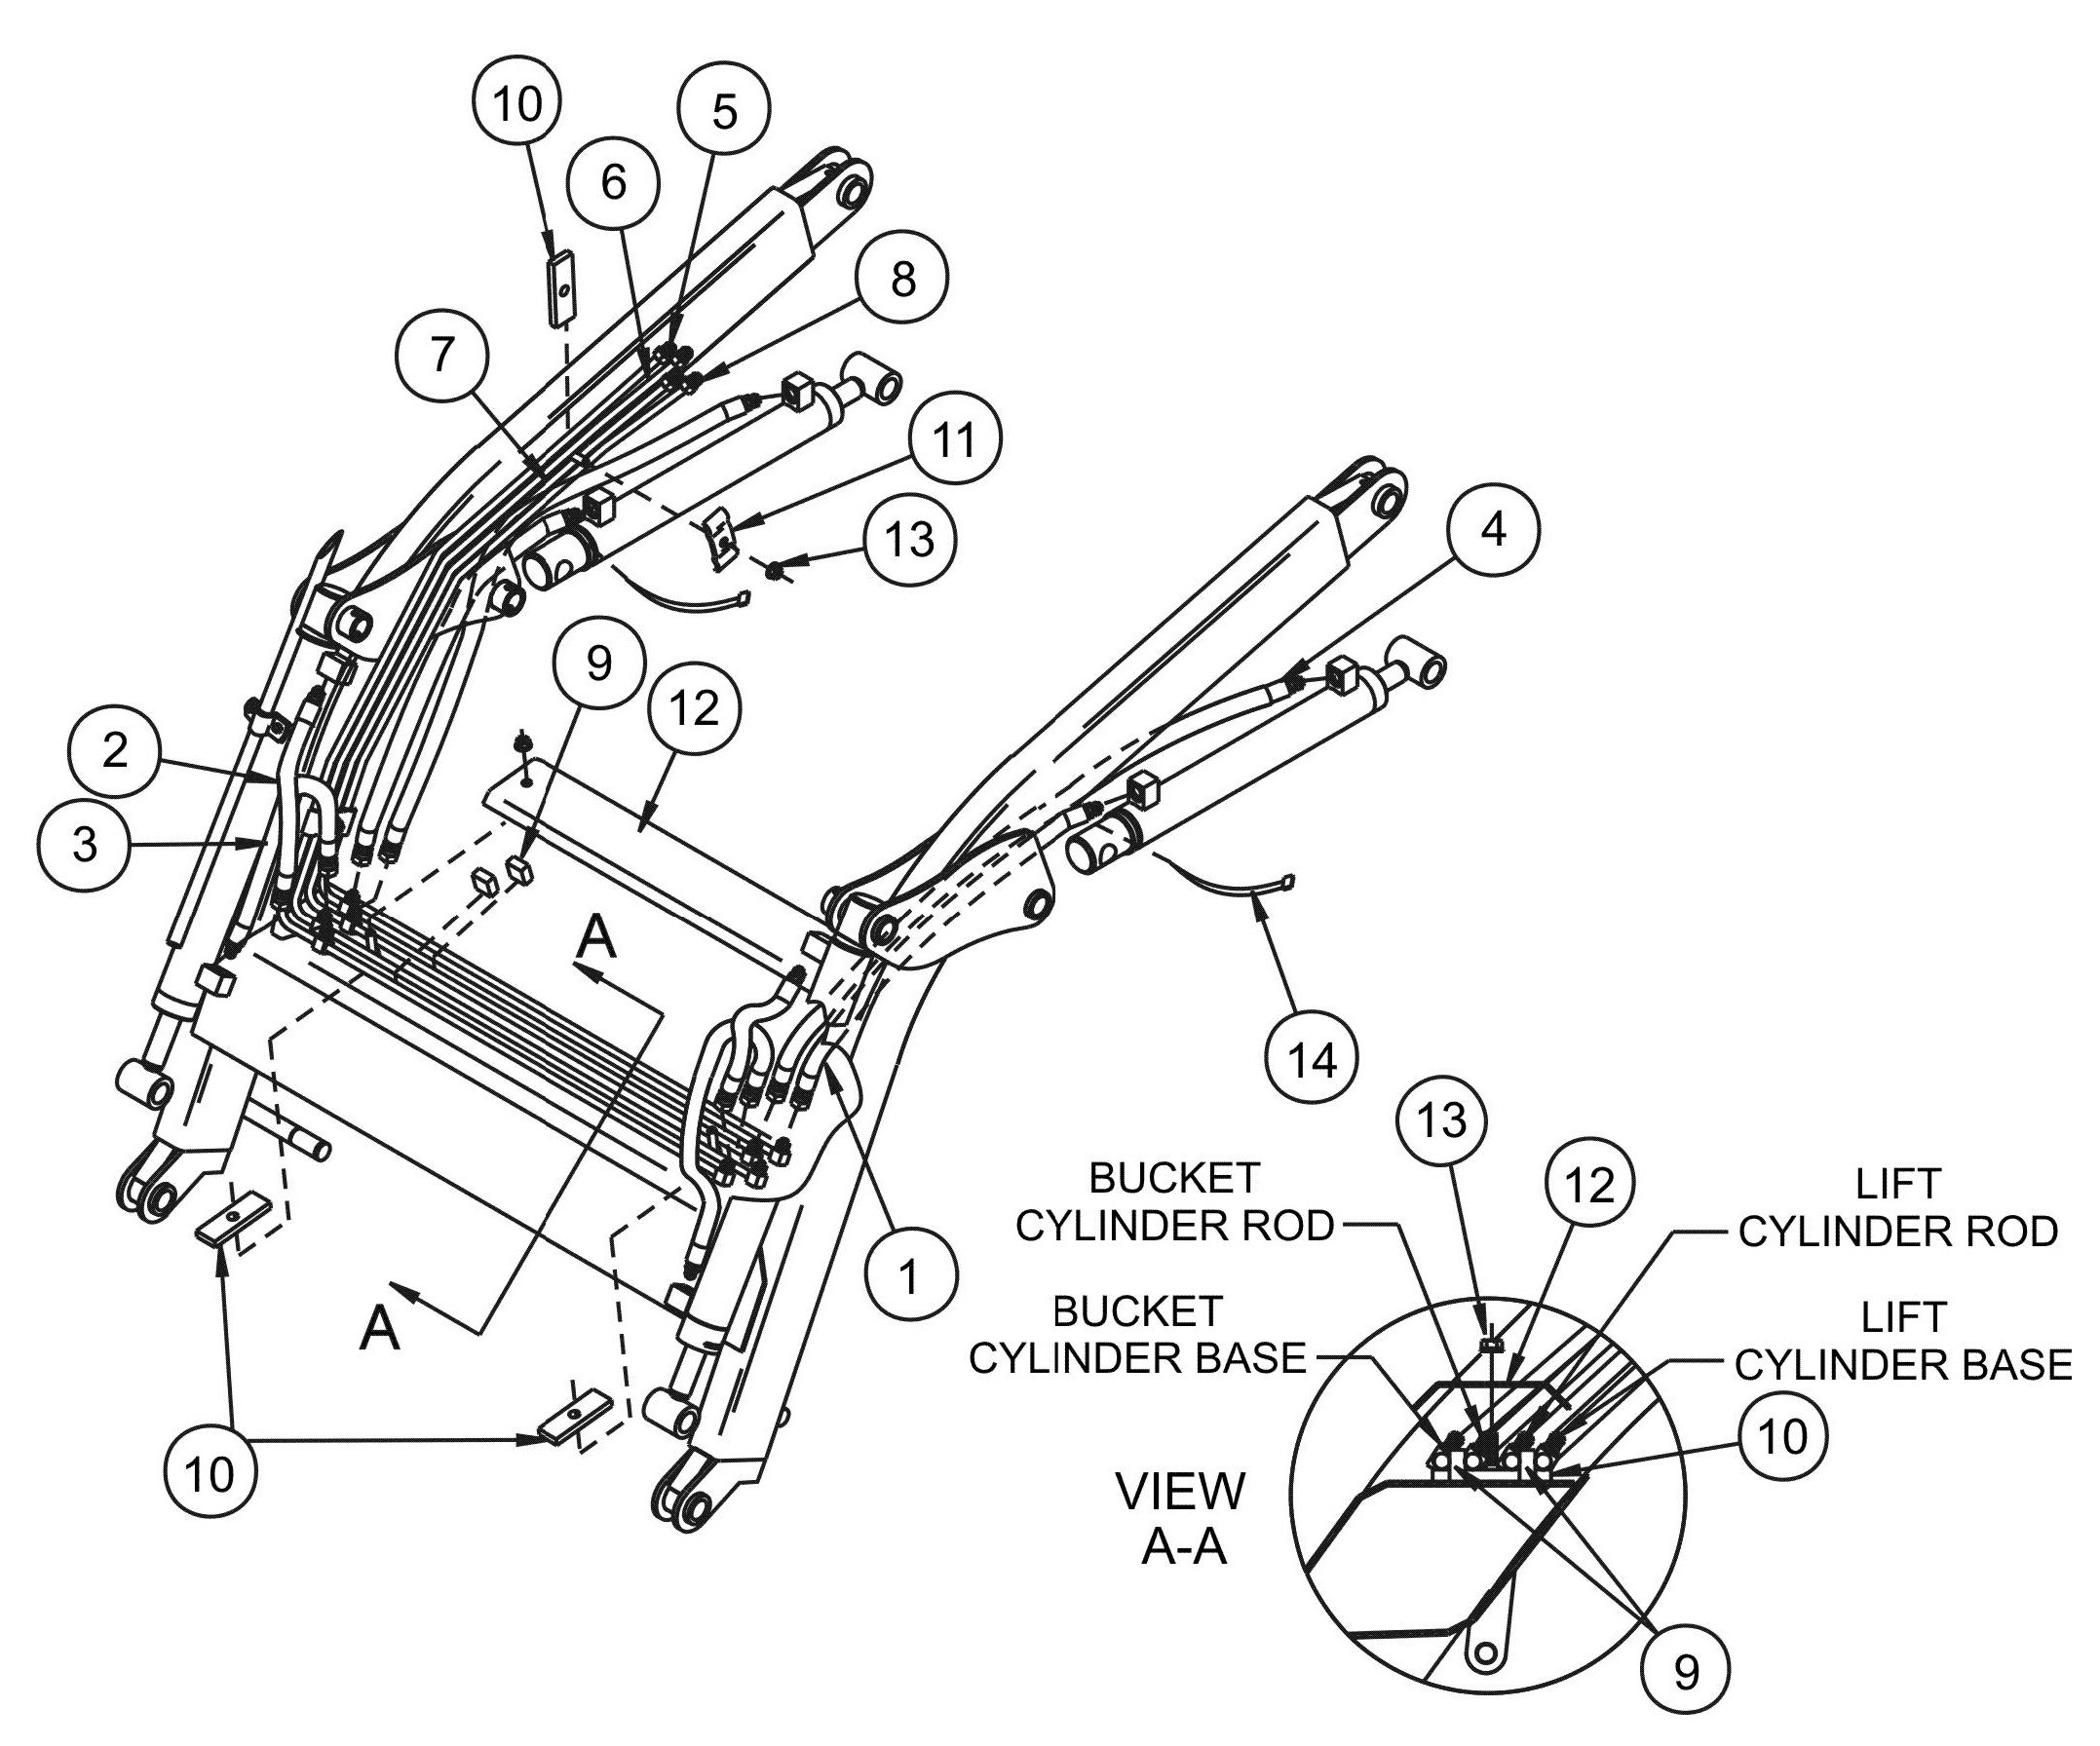 Car Front End Parts Diagram Bush Hog 1145 Front End Loader Parts 1145 Front End Loader Hydraulic Of Car Front End Parts Diagram